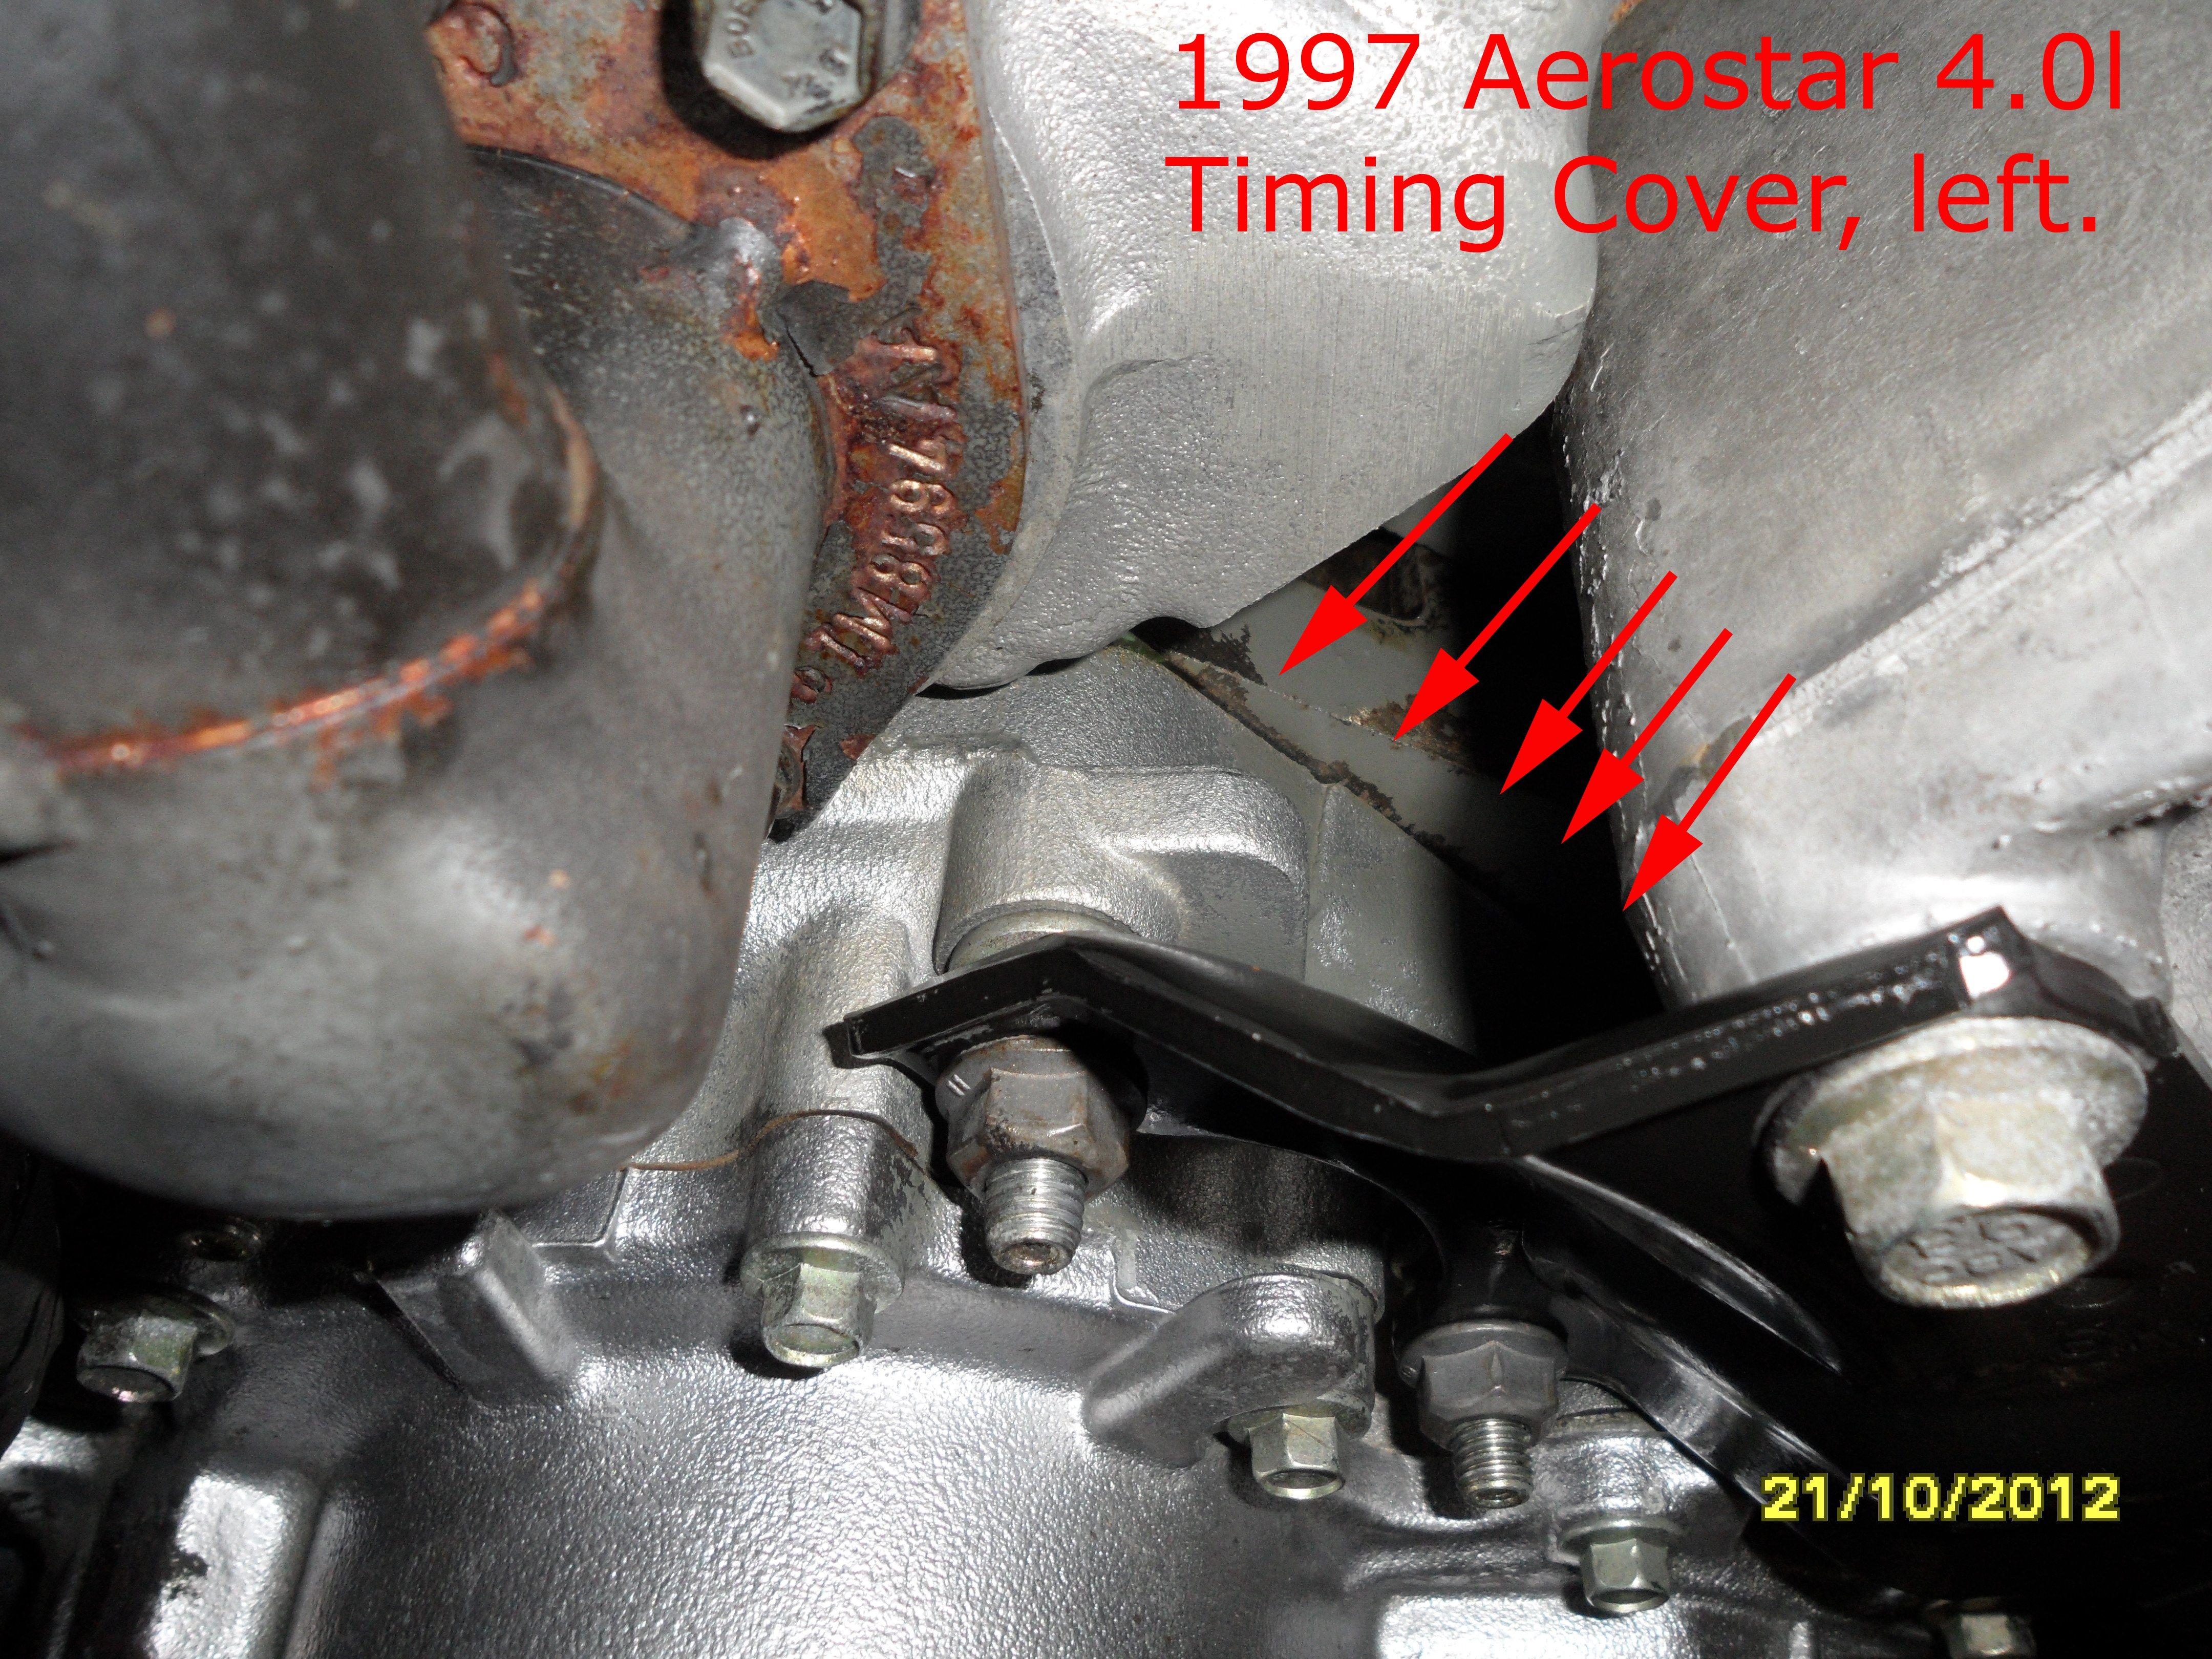 Timing cover oil leak got lucky